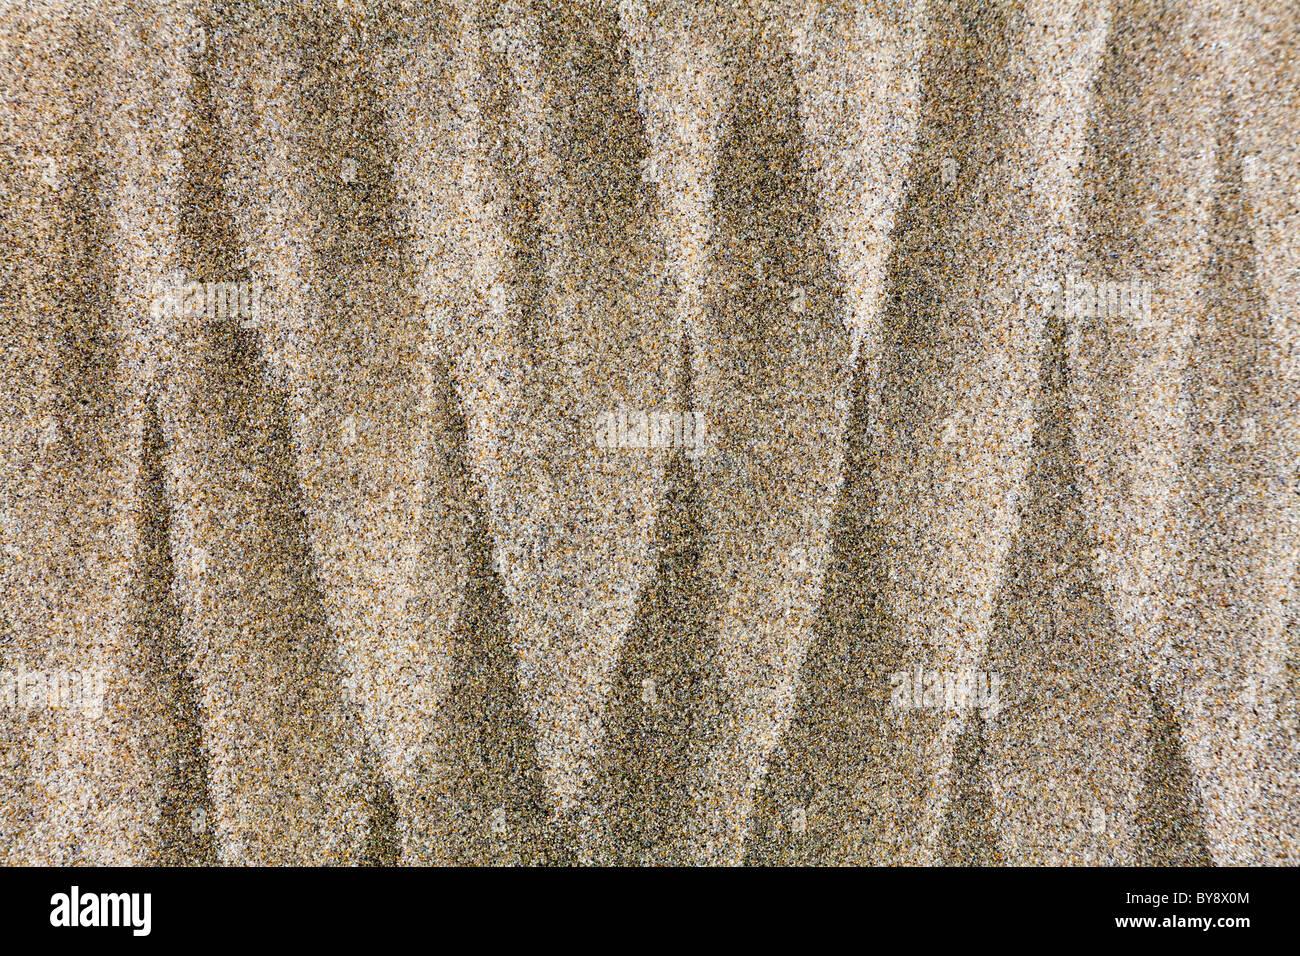 USA; côte de l'Oregon; Devil's Punchbowl State Natural Area; les modèles dans le sable de la plage Banque D'Images